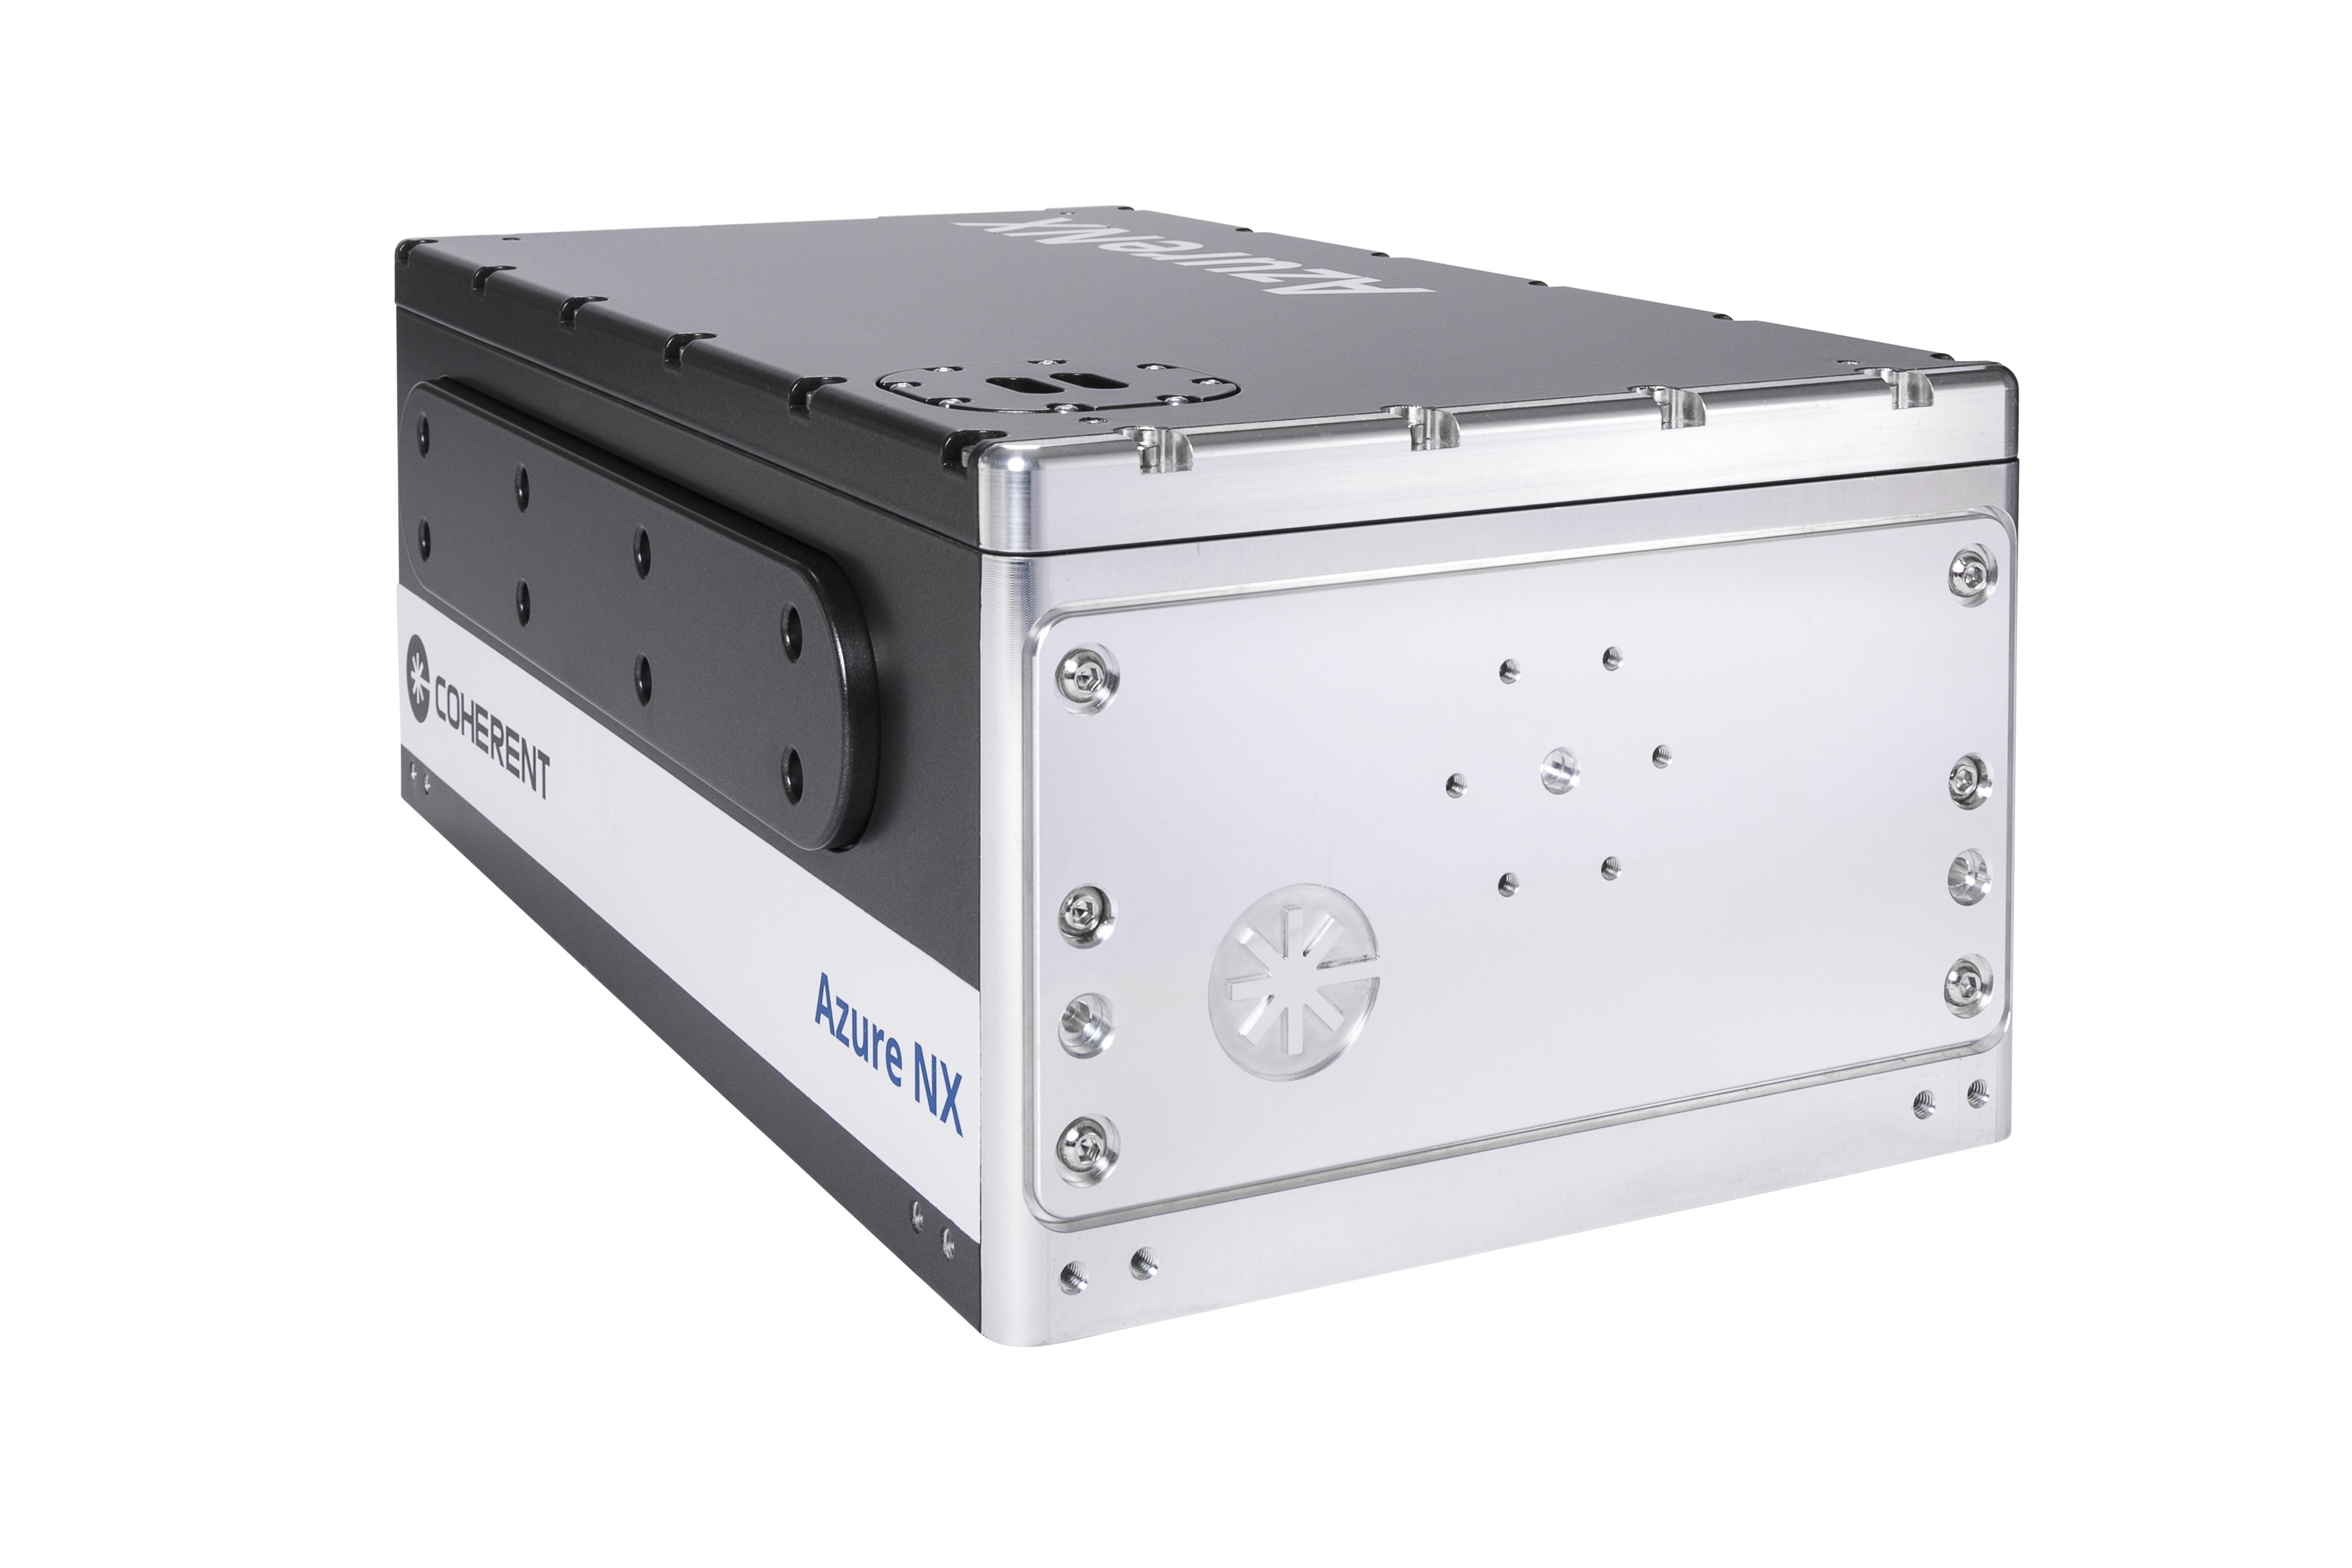 Azure NX, a 1-watt CW deep UV laser